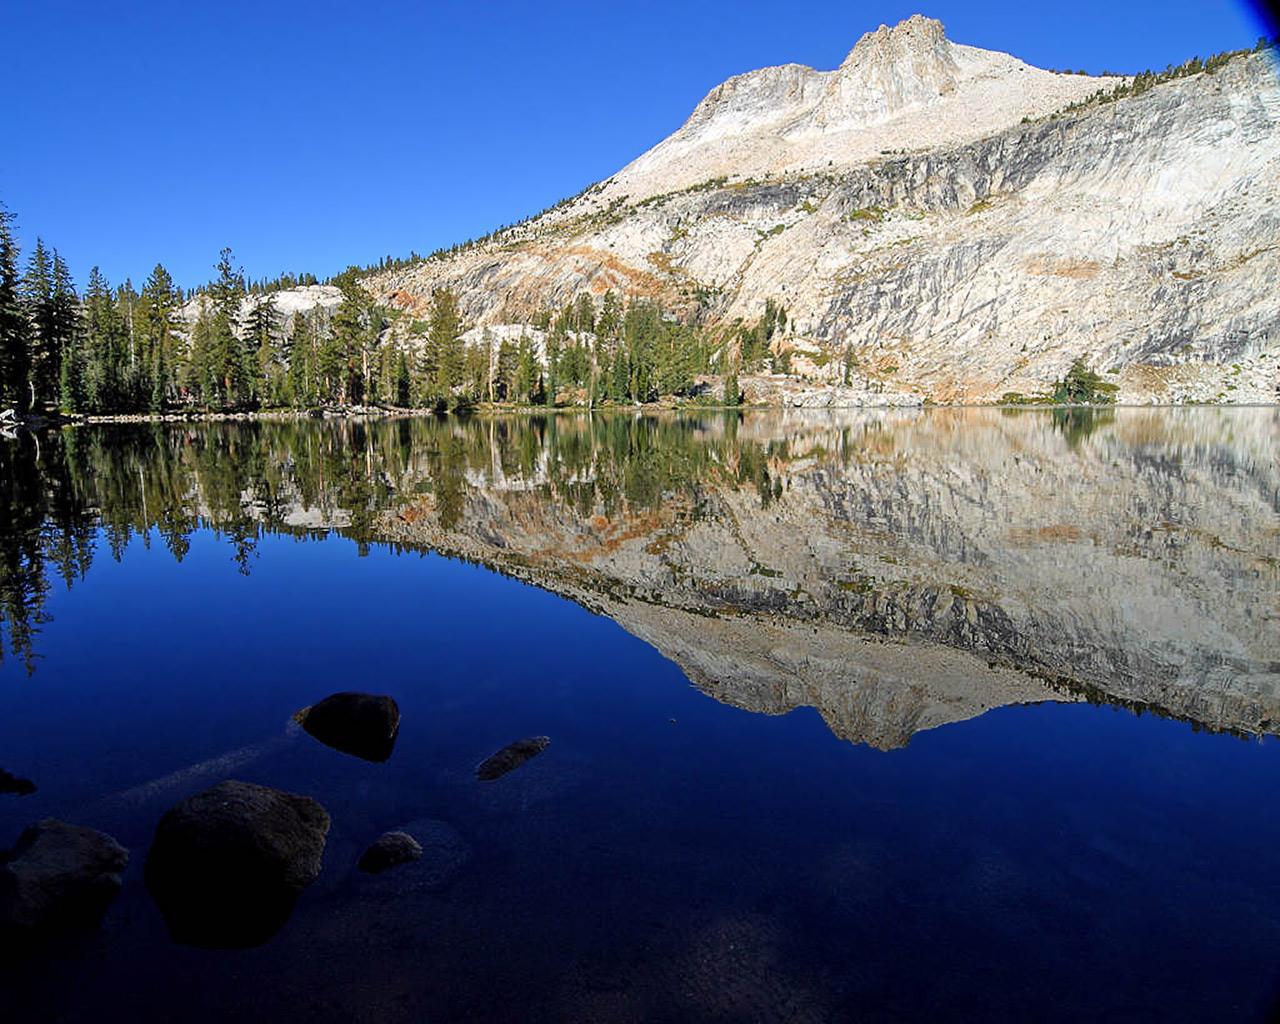 http://3.bp.blogspot.com/_t285rAK-KE8/TUaXXFCTbCI/AAAAAAAAAK0/J29-Lvf3t0w/s1600/mountain+2.jpg